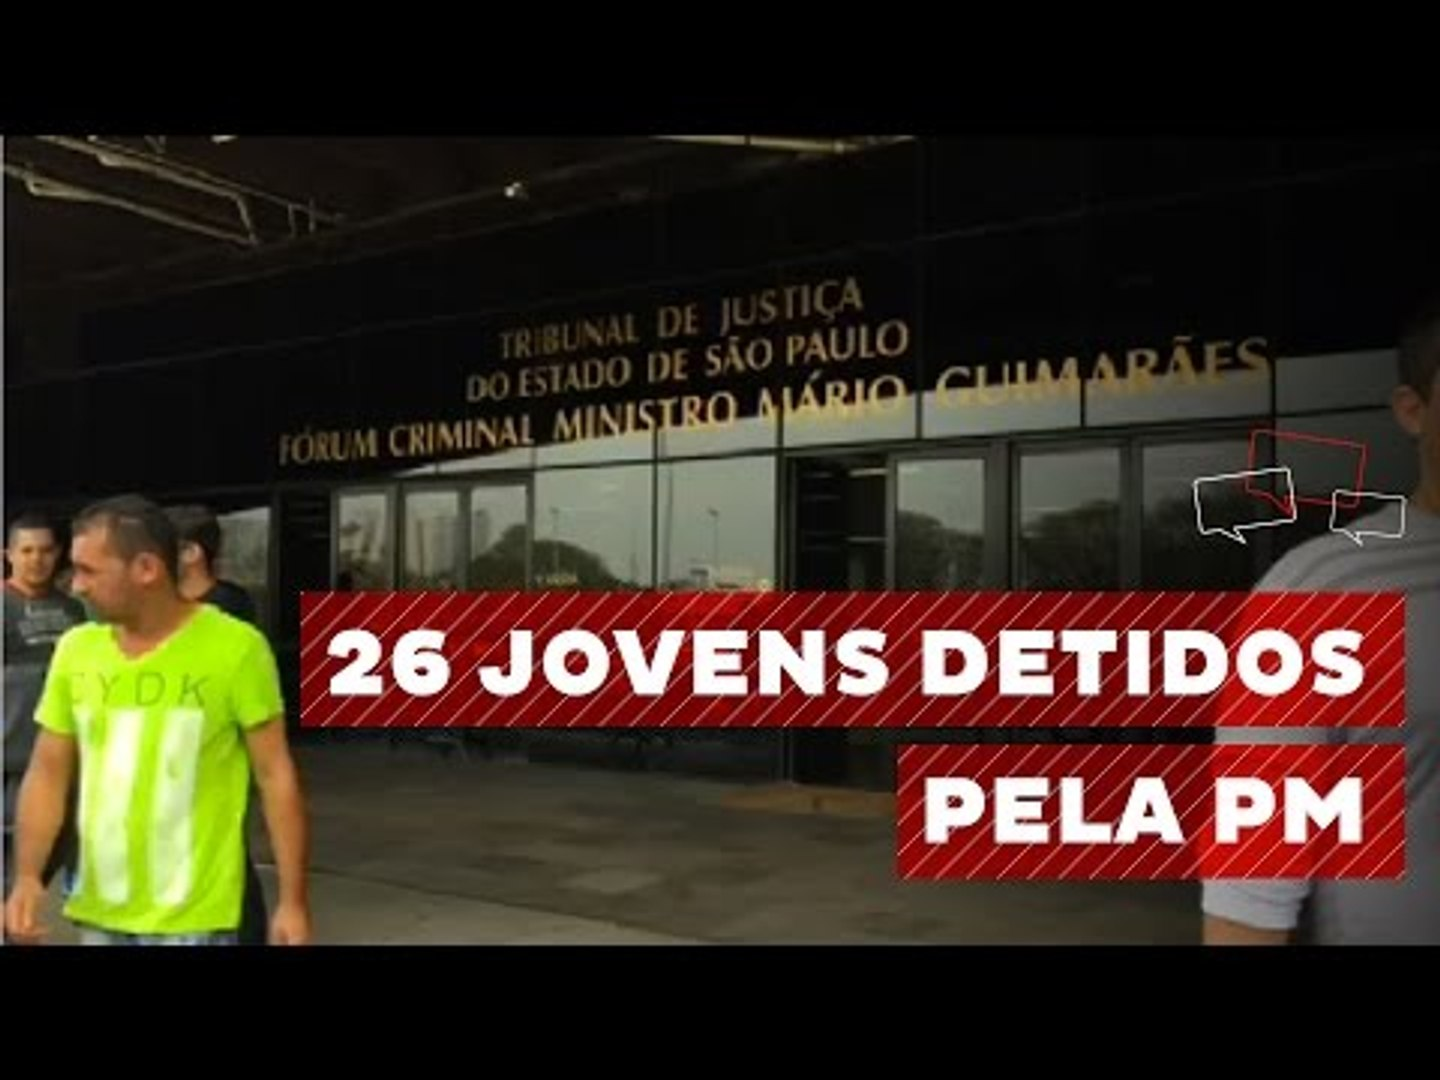 26 jovens foram detidos na última sexta-feira por conta dos atos